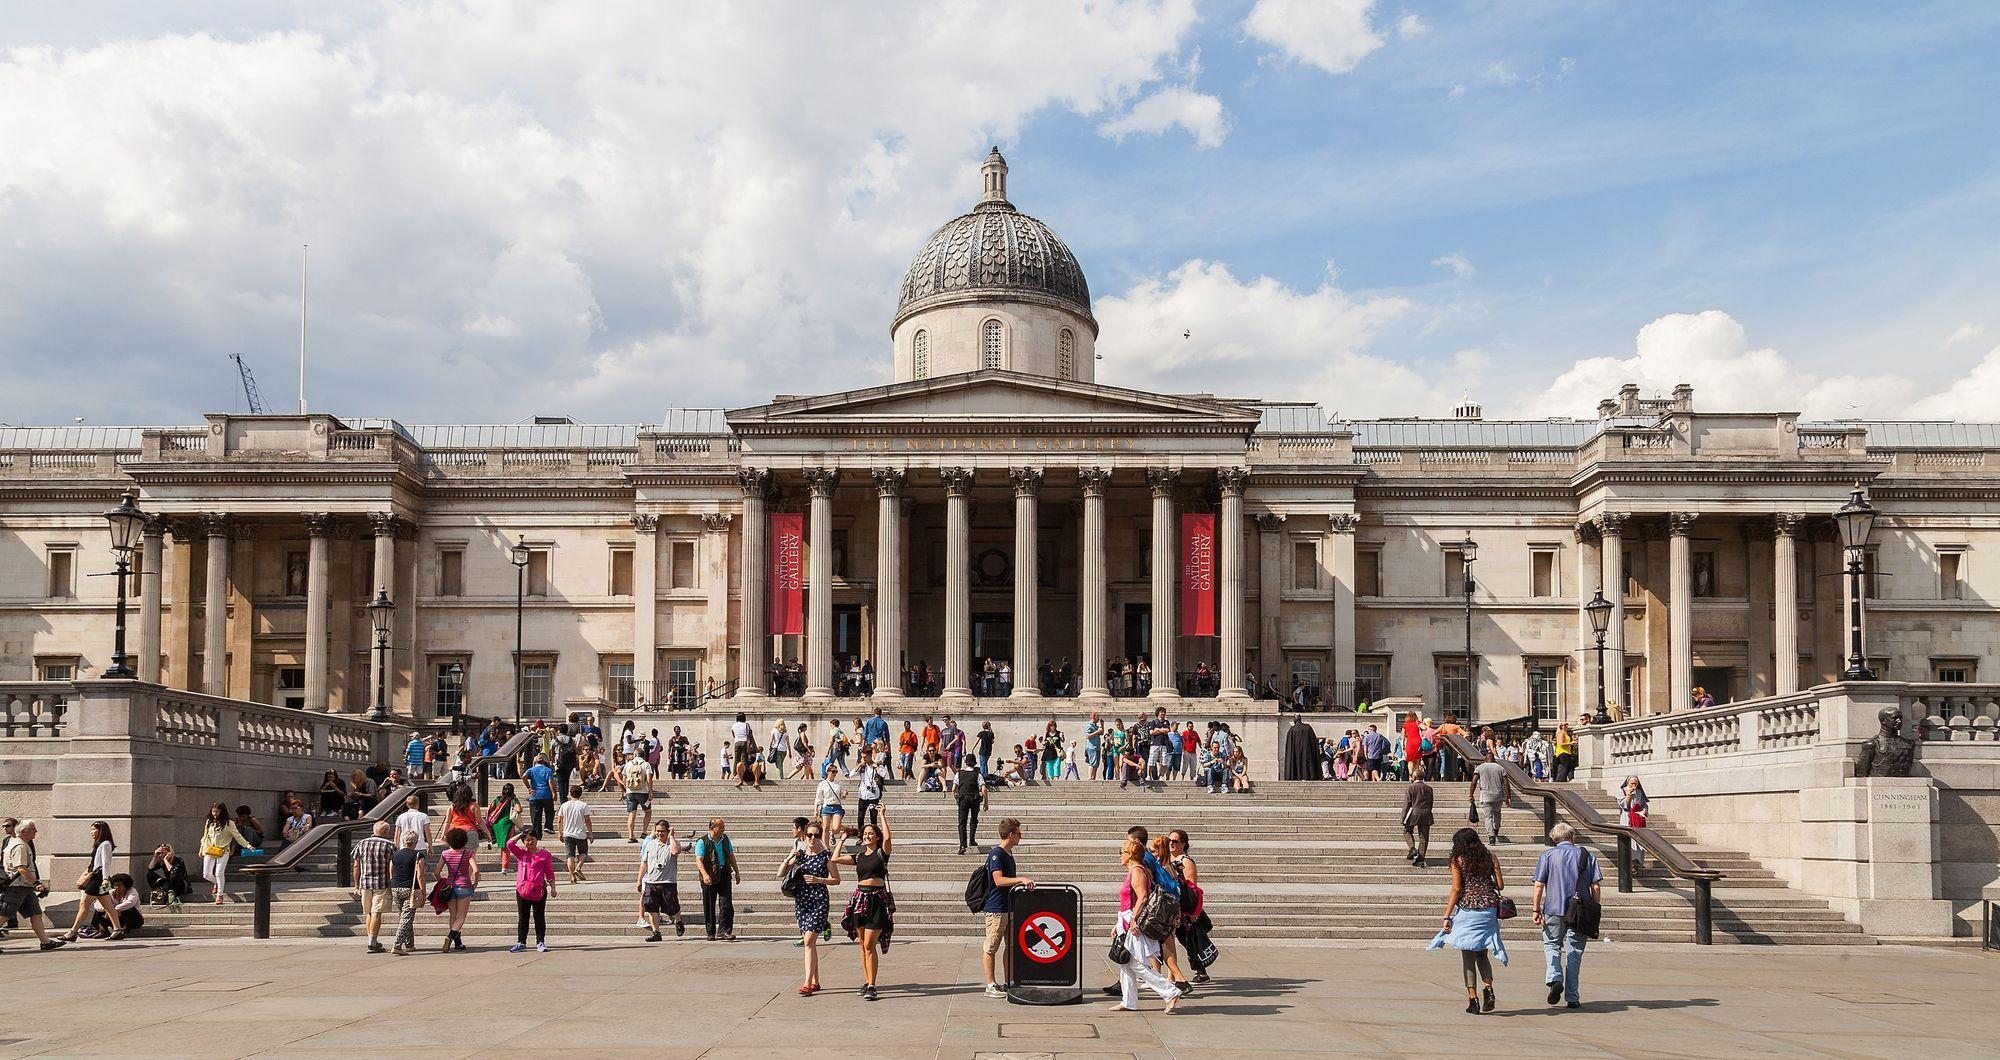 TikTok та гастролі: Лондонська Національна галерея розказала про майбутні плани